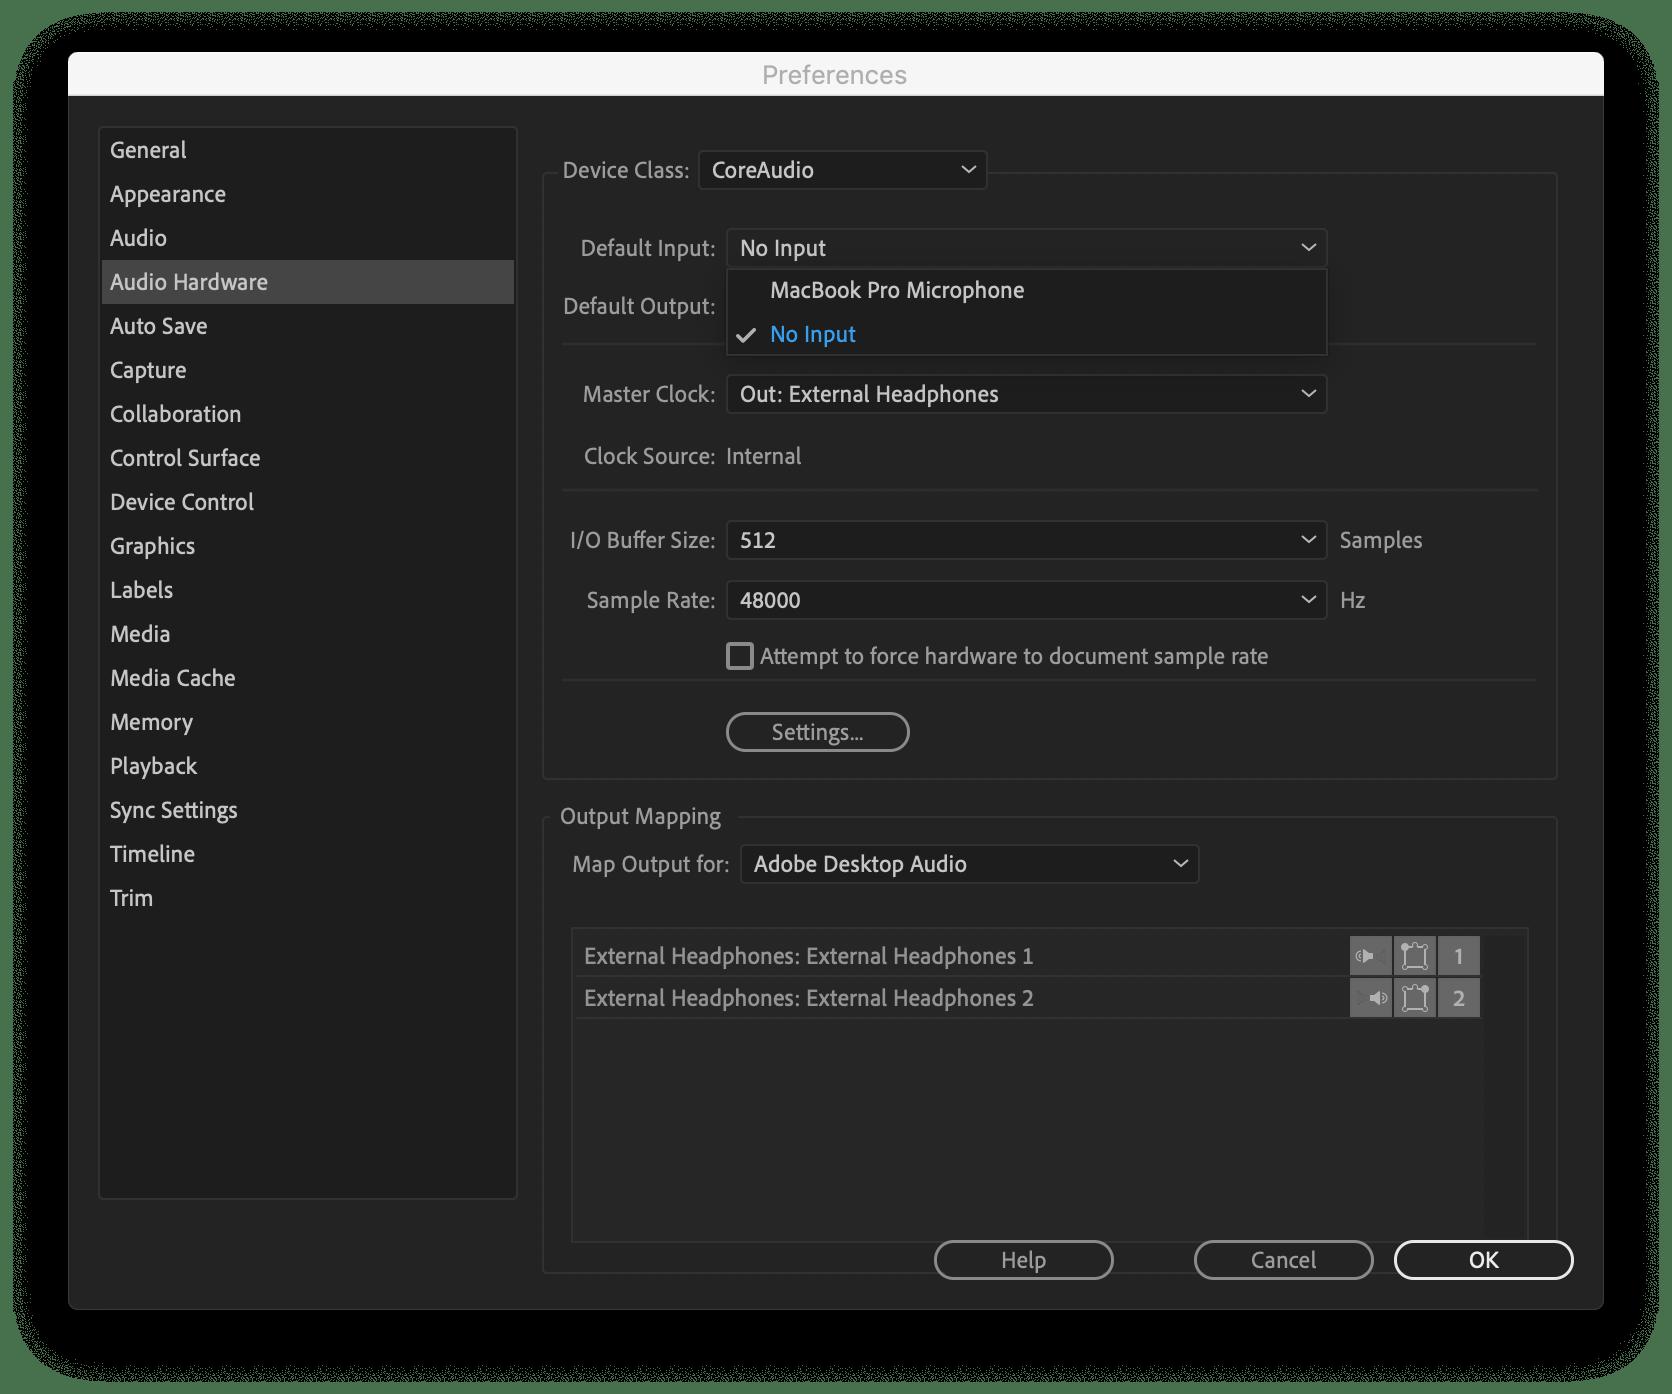 Mudando as preferências do Adobe Premiere CC para evitar que os alto-falantes do Mac sejam estourados